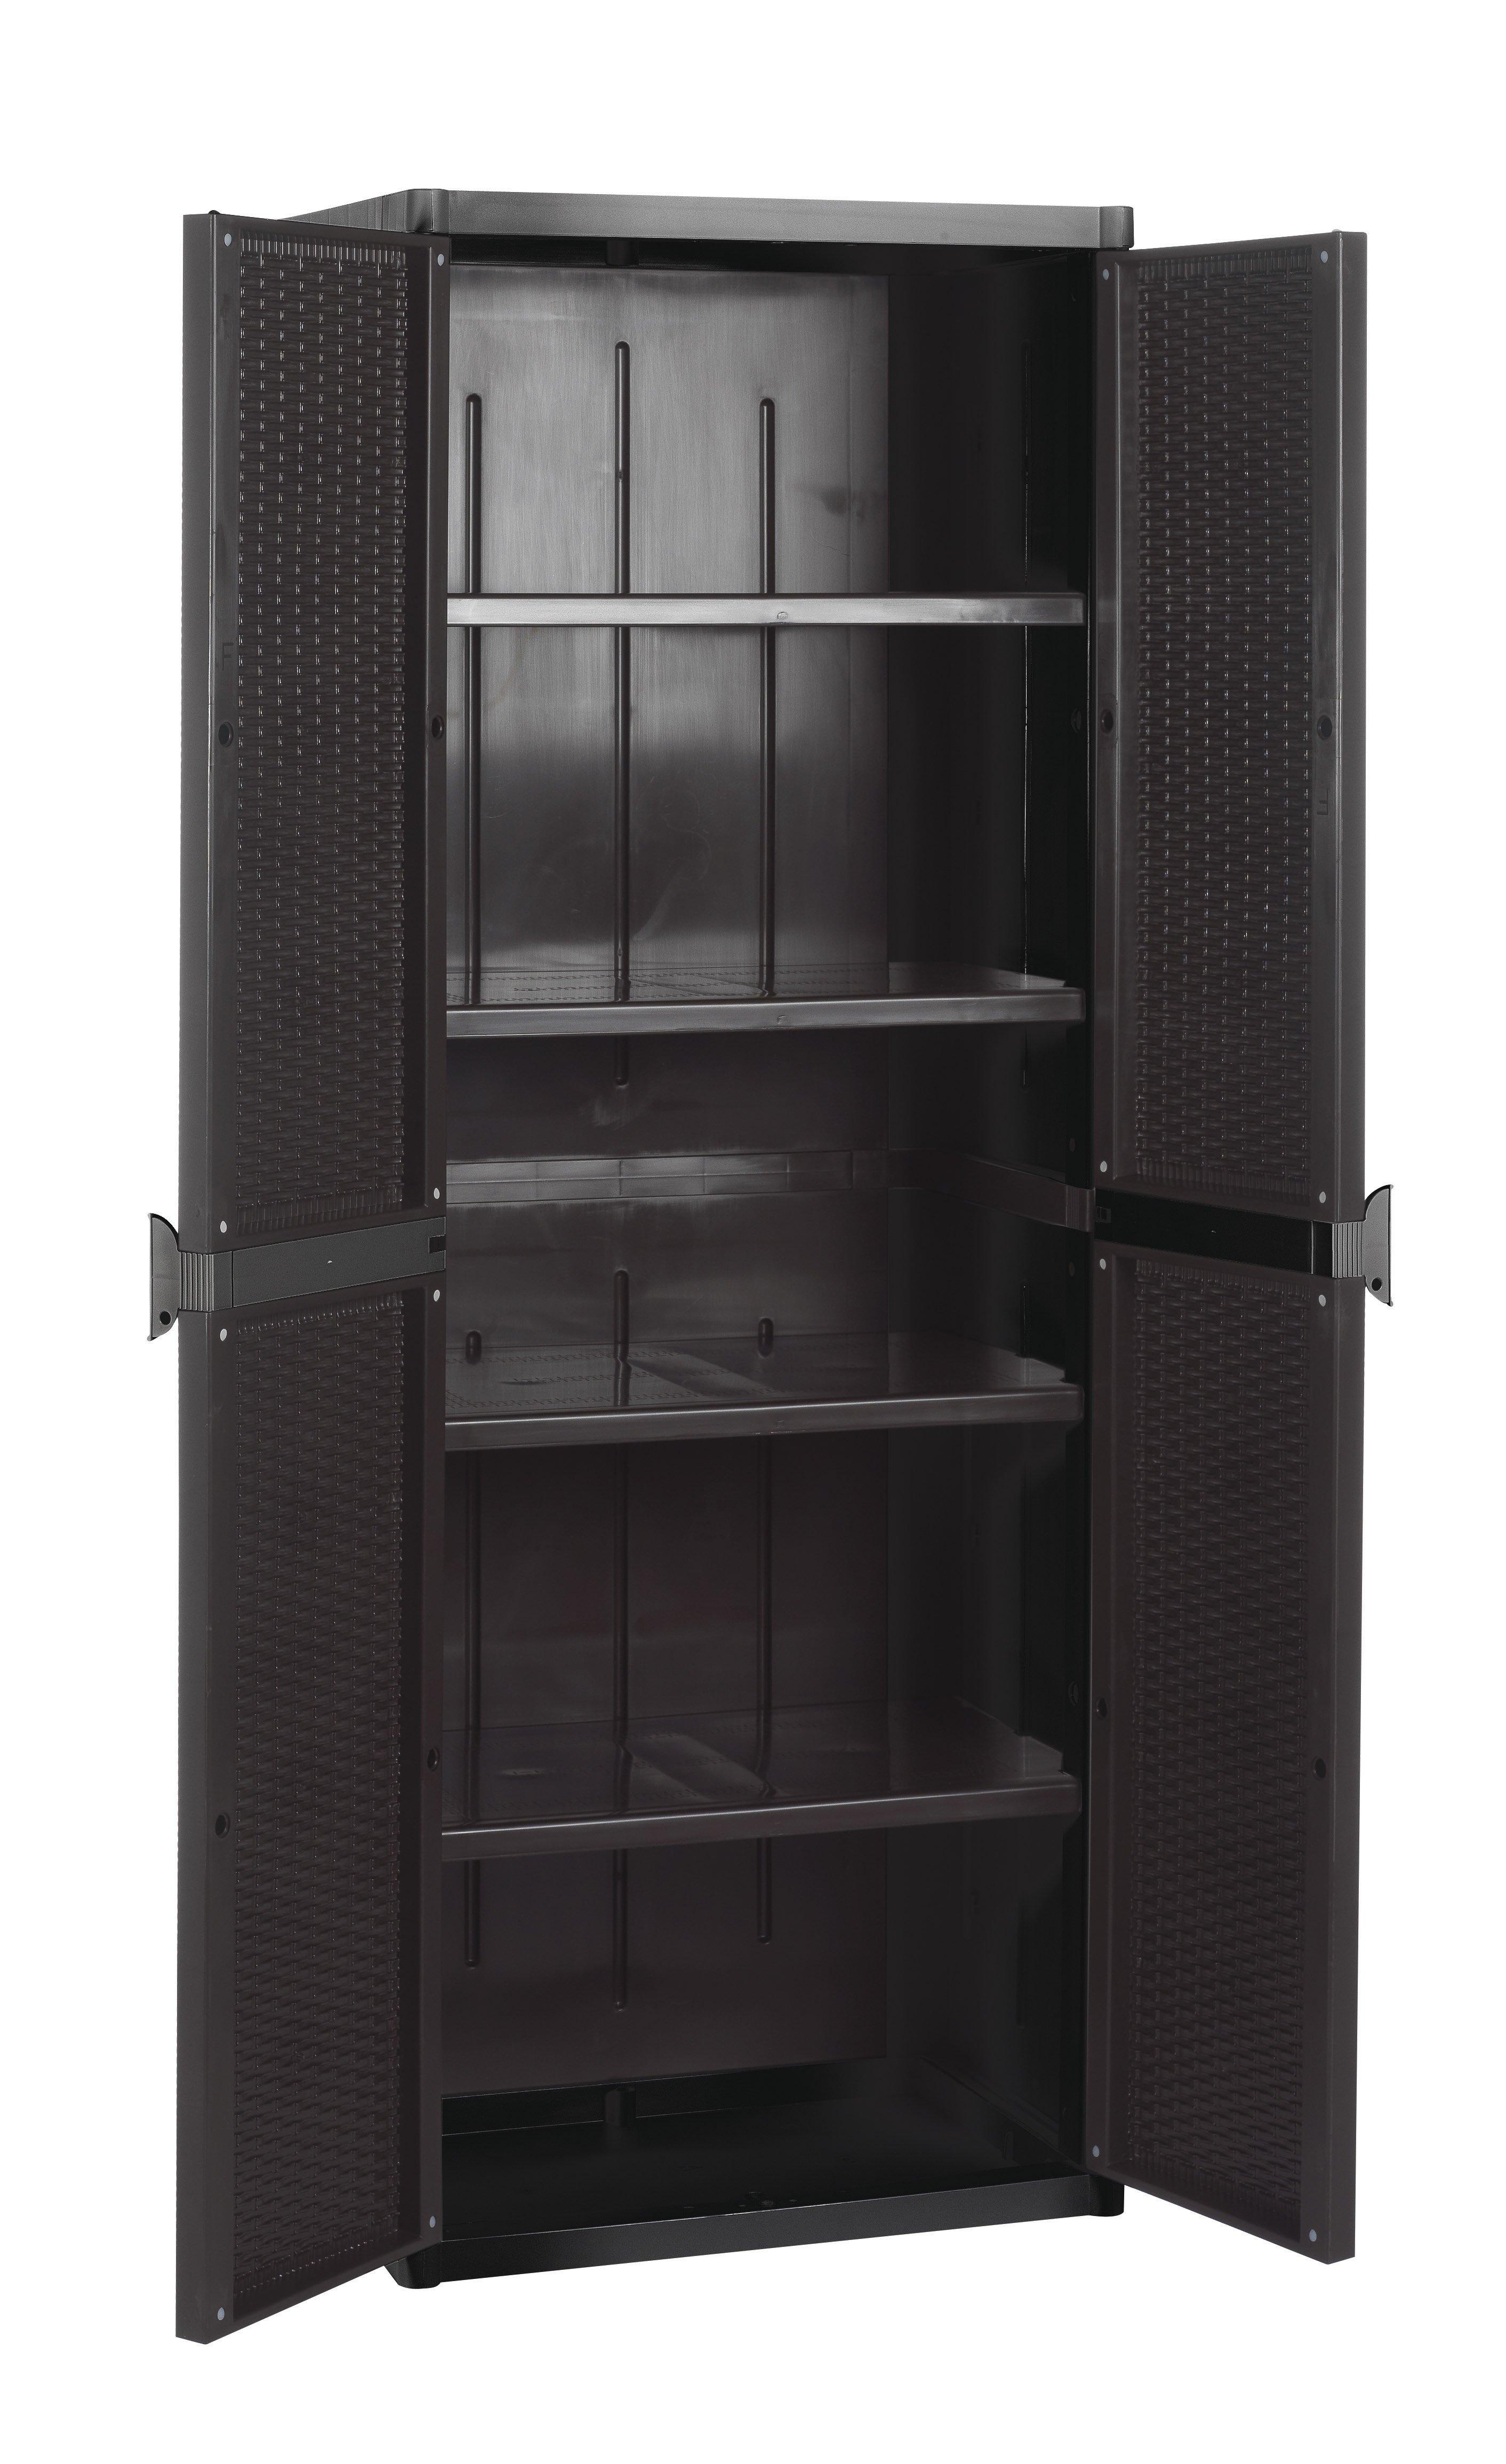 meuble 4 tag res multifonction rattan style system en plastique pour l 39 ext rieur mobilclick. Black Bedroom Furniture Sets. Home Design Ideas